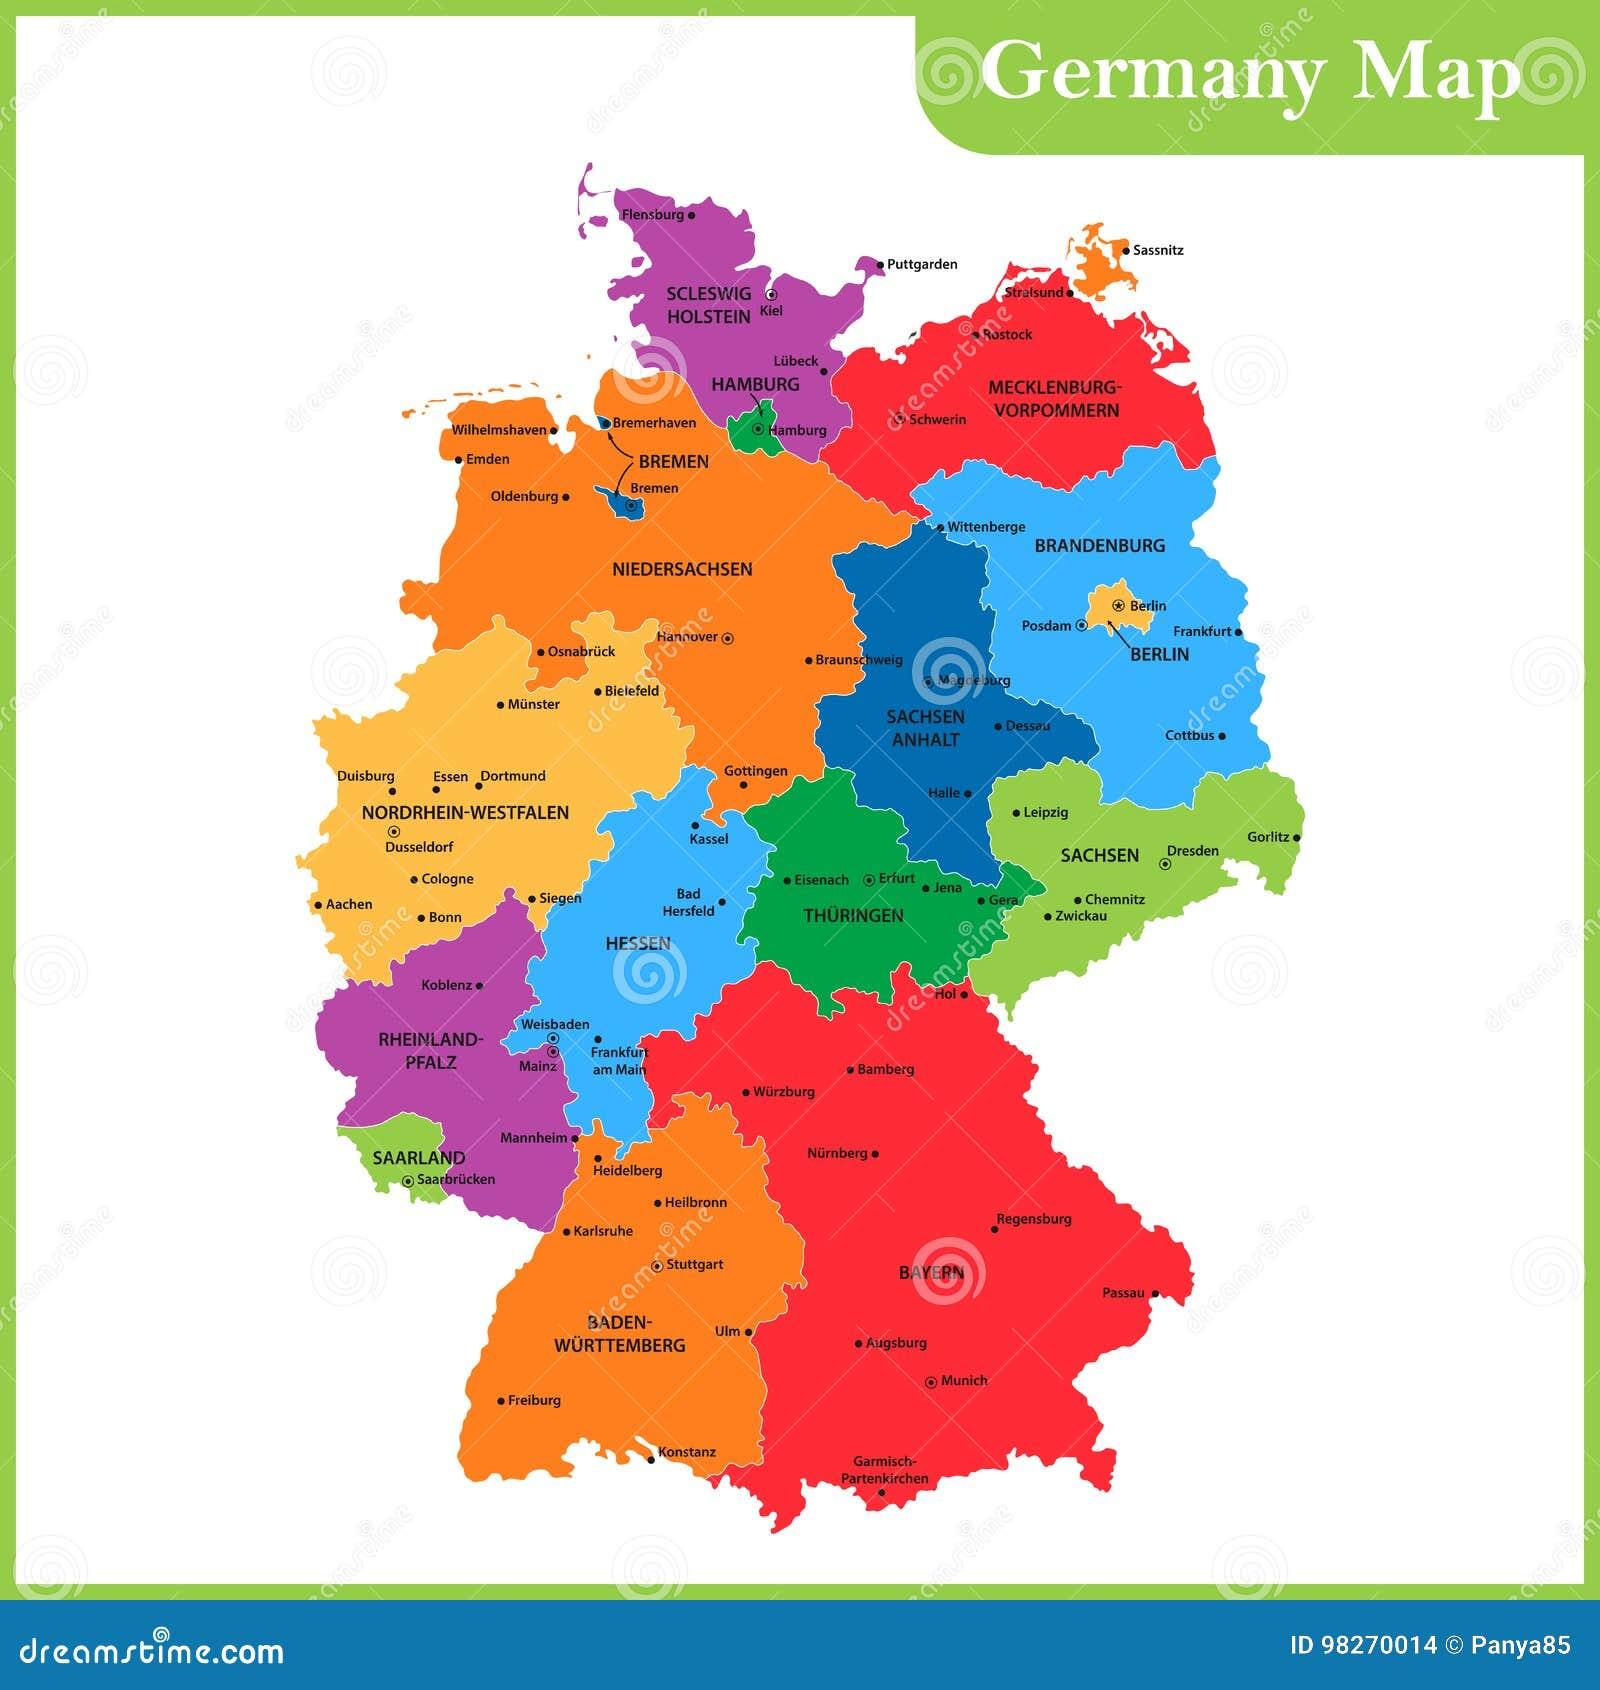 Regioni Germania Cartina.La Mappa Dettagliata Della Germania Con Le Regioni O Stati E Citta Capitali Illustrazione Vettoriale Illustrazione Di Naturalizzisi Terra 98270014